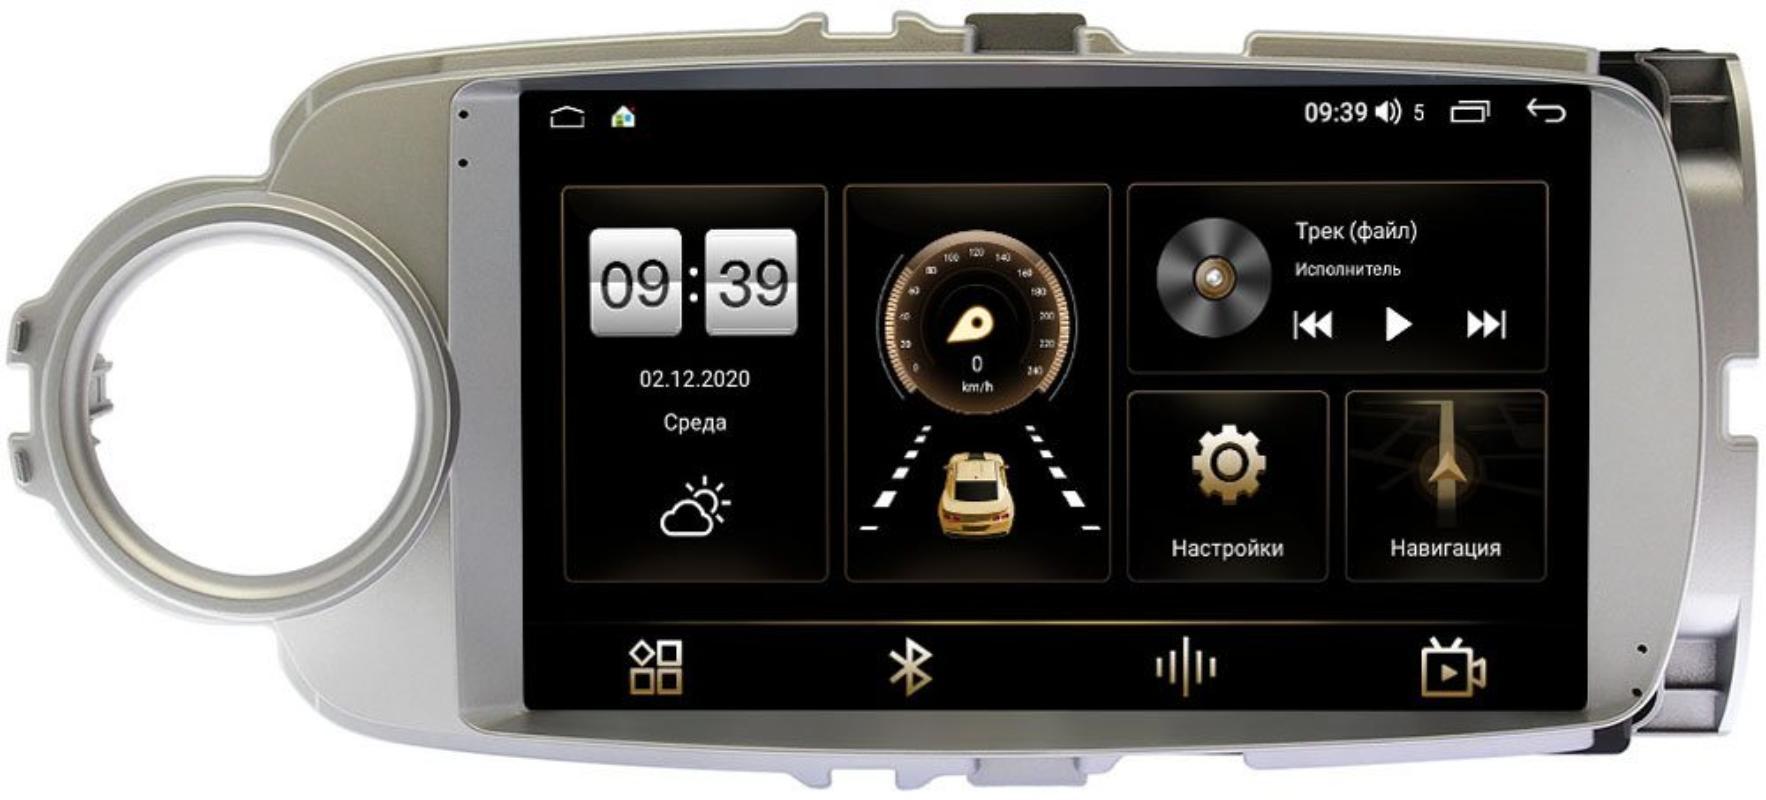 Штатная магнитола LeTrun 4166-9245 для Toyota Yaris III (XP130), Vitz III (XP130) 2010-2018 на Android 10 (4G-SIM, 3/32, DSP, QLed) (+ Камера заднего вида в подарок!)